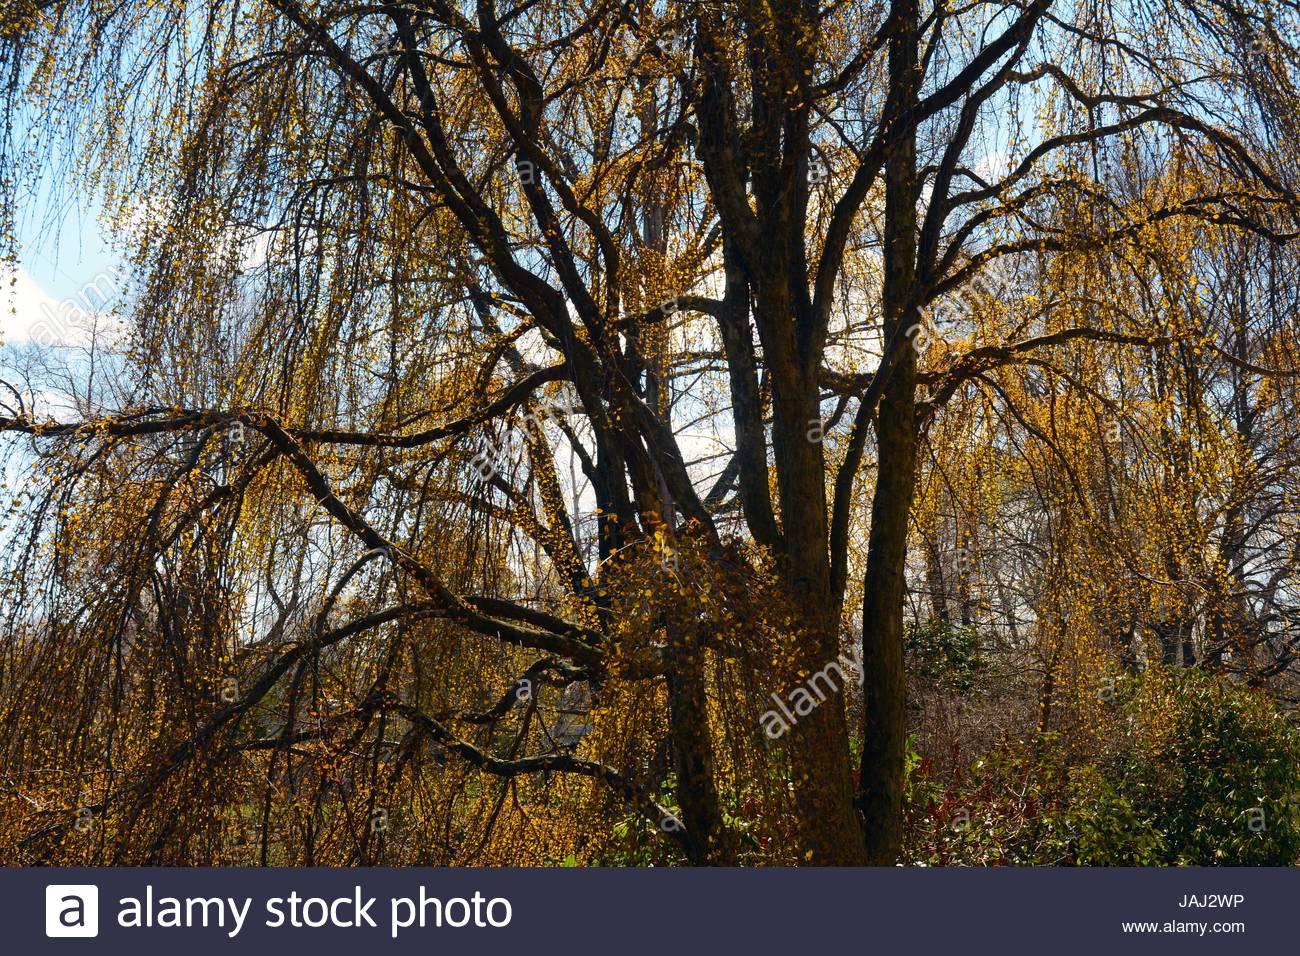 Un árbol de Katsura leafing llorando afuera en la primavera. Imagen De Stock